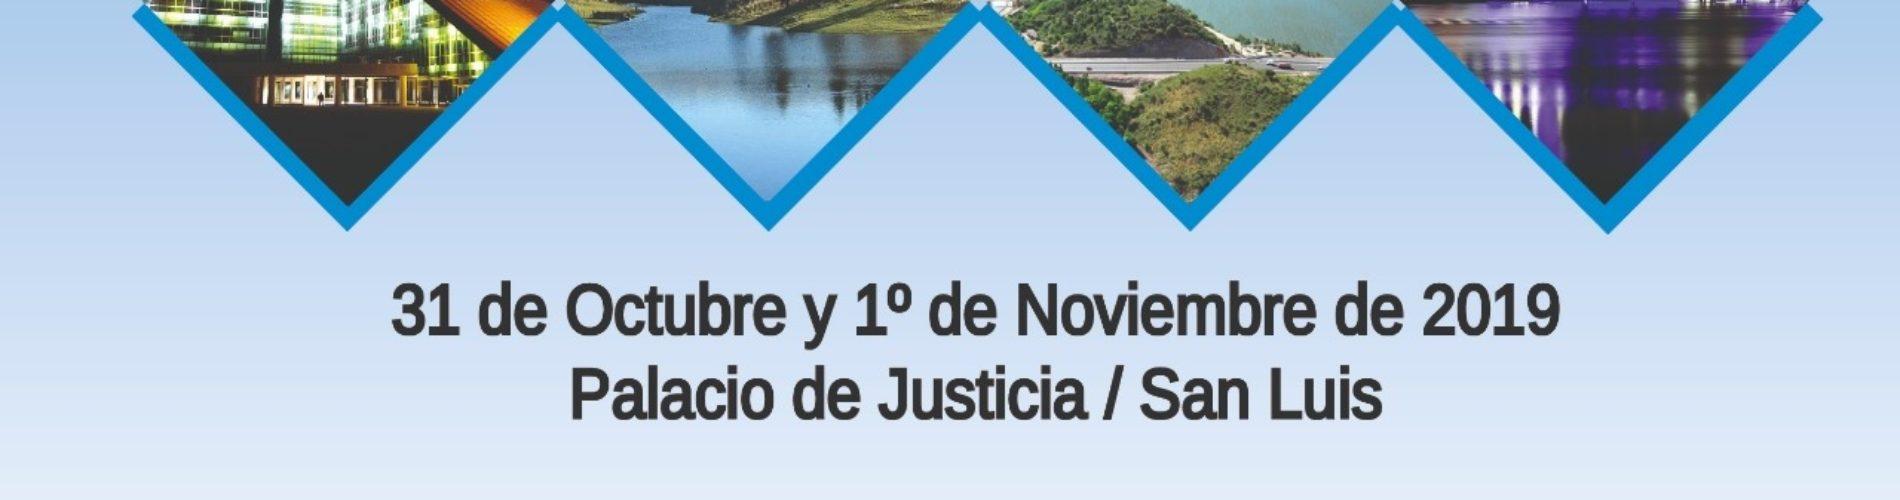 XXIII CONGRESO NACIONAL DE CAPACITACIÓN JUDICIAL